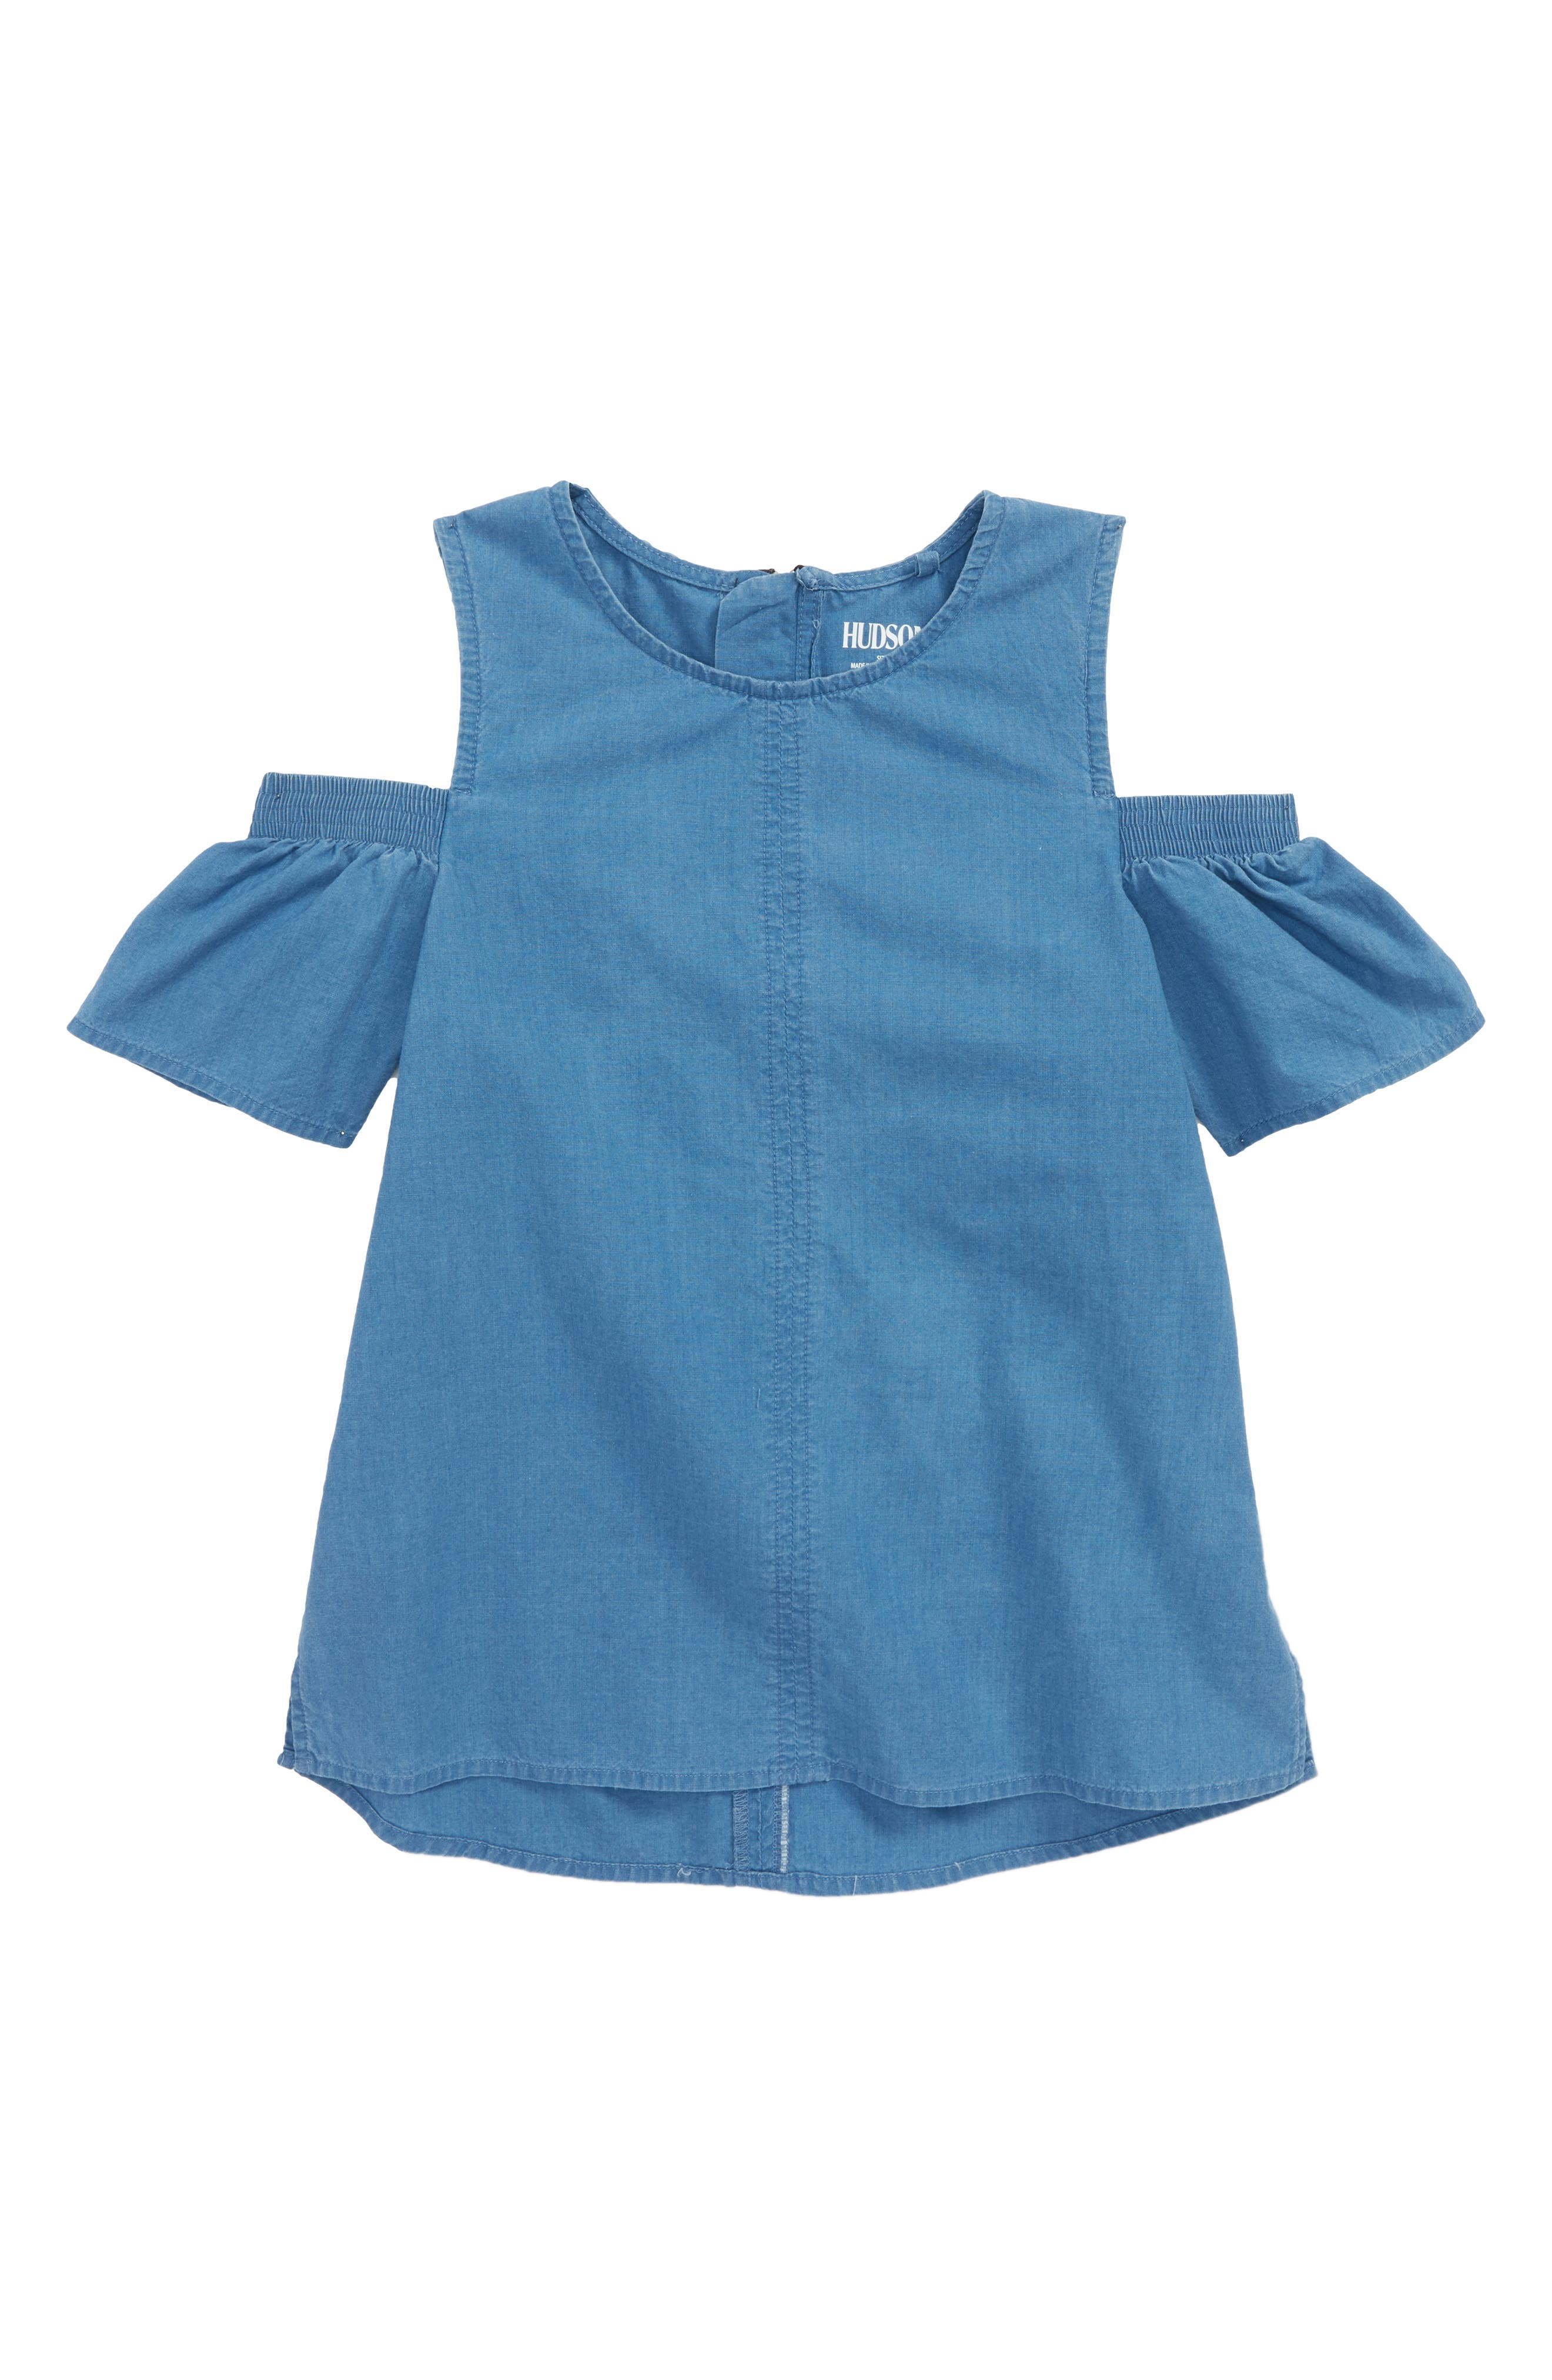 Maya Cold Shoulder Top,                         Main,                         color, Chn-China Blue